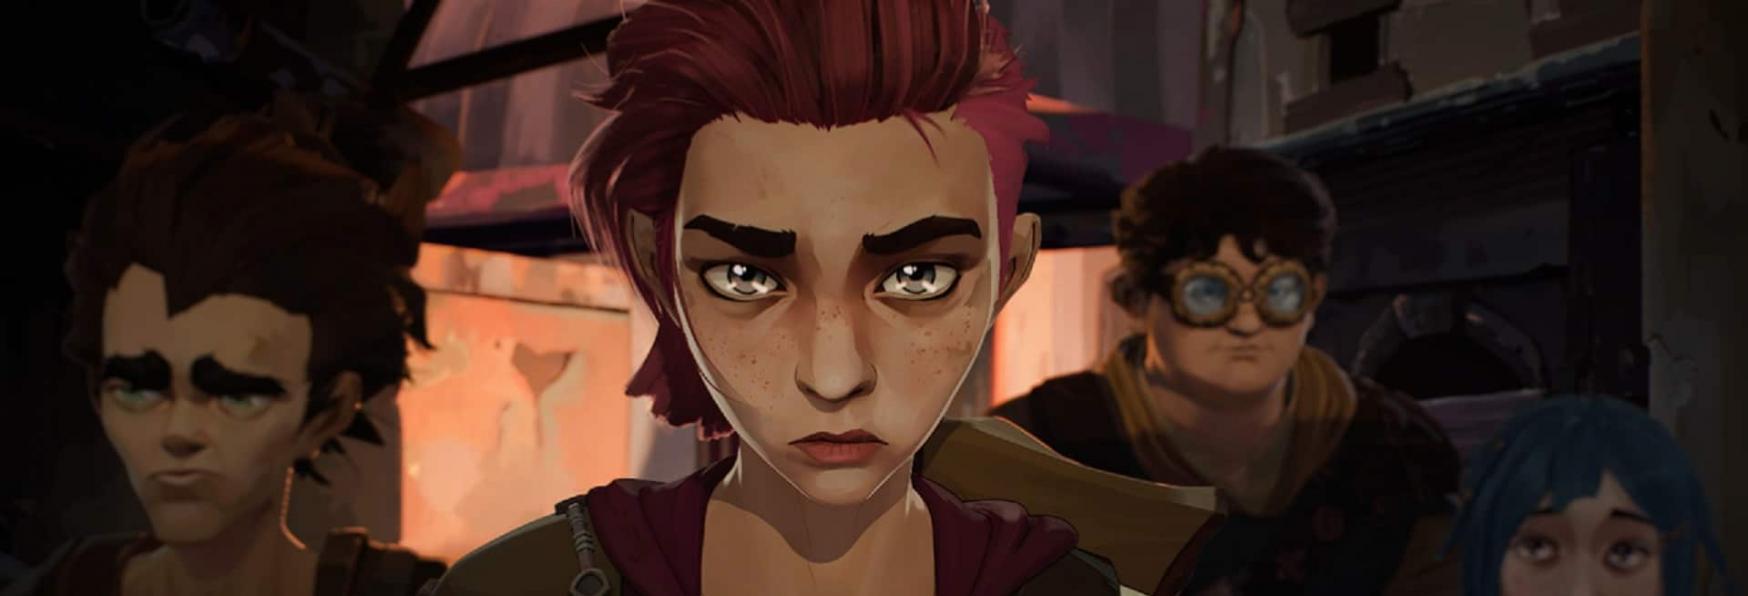 Arcane: Netflix rilascia il Teaser Trailer della nuova Serie Animata basata su League of Legends